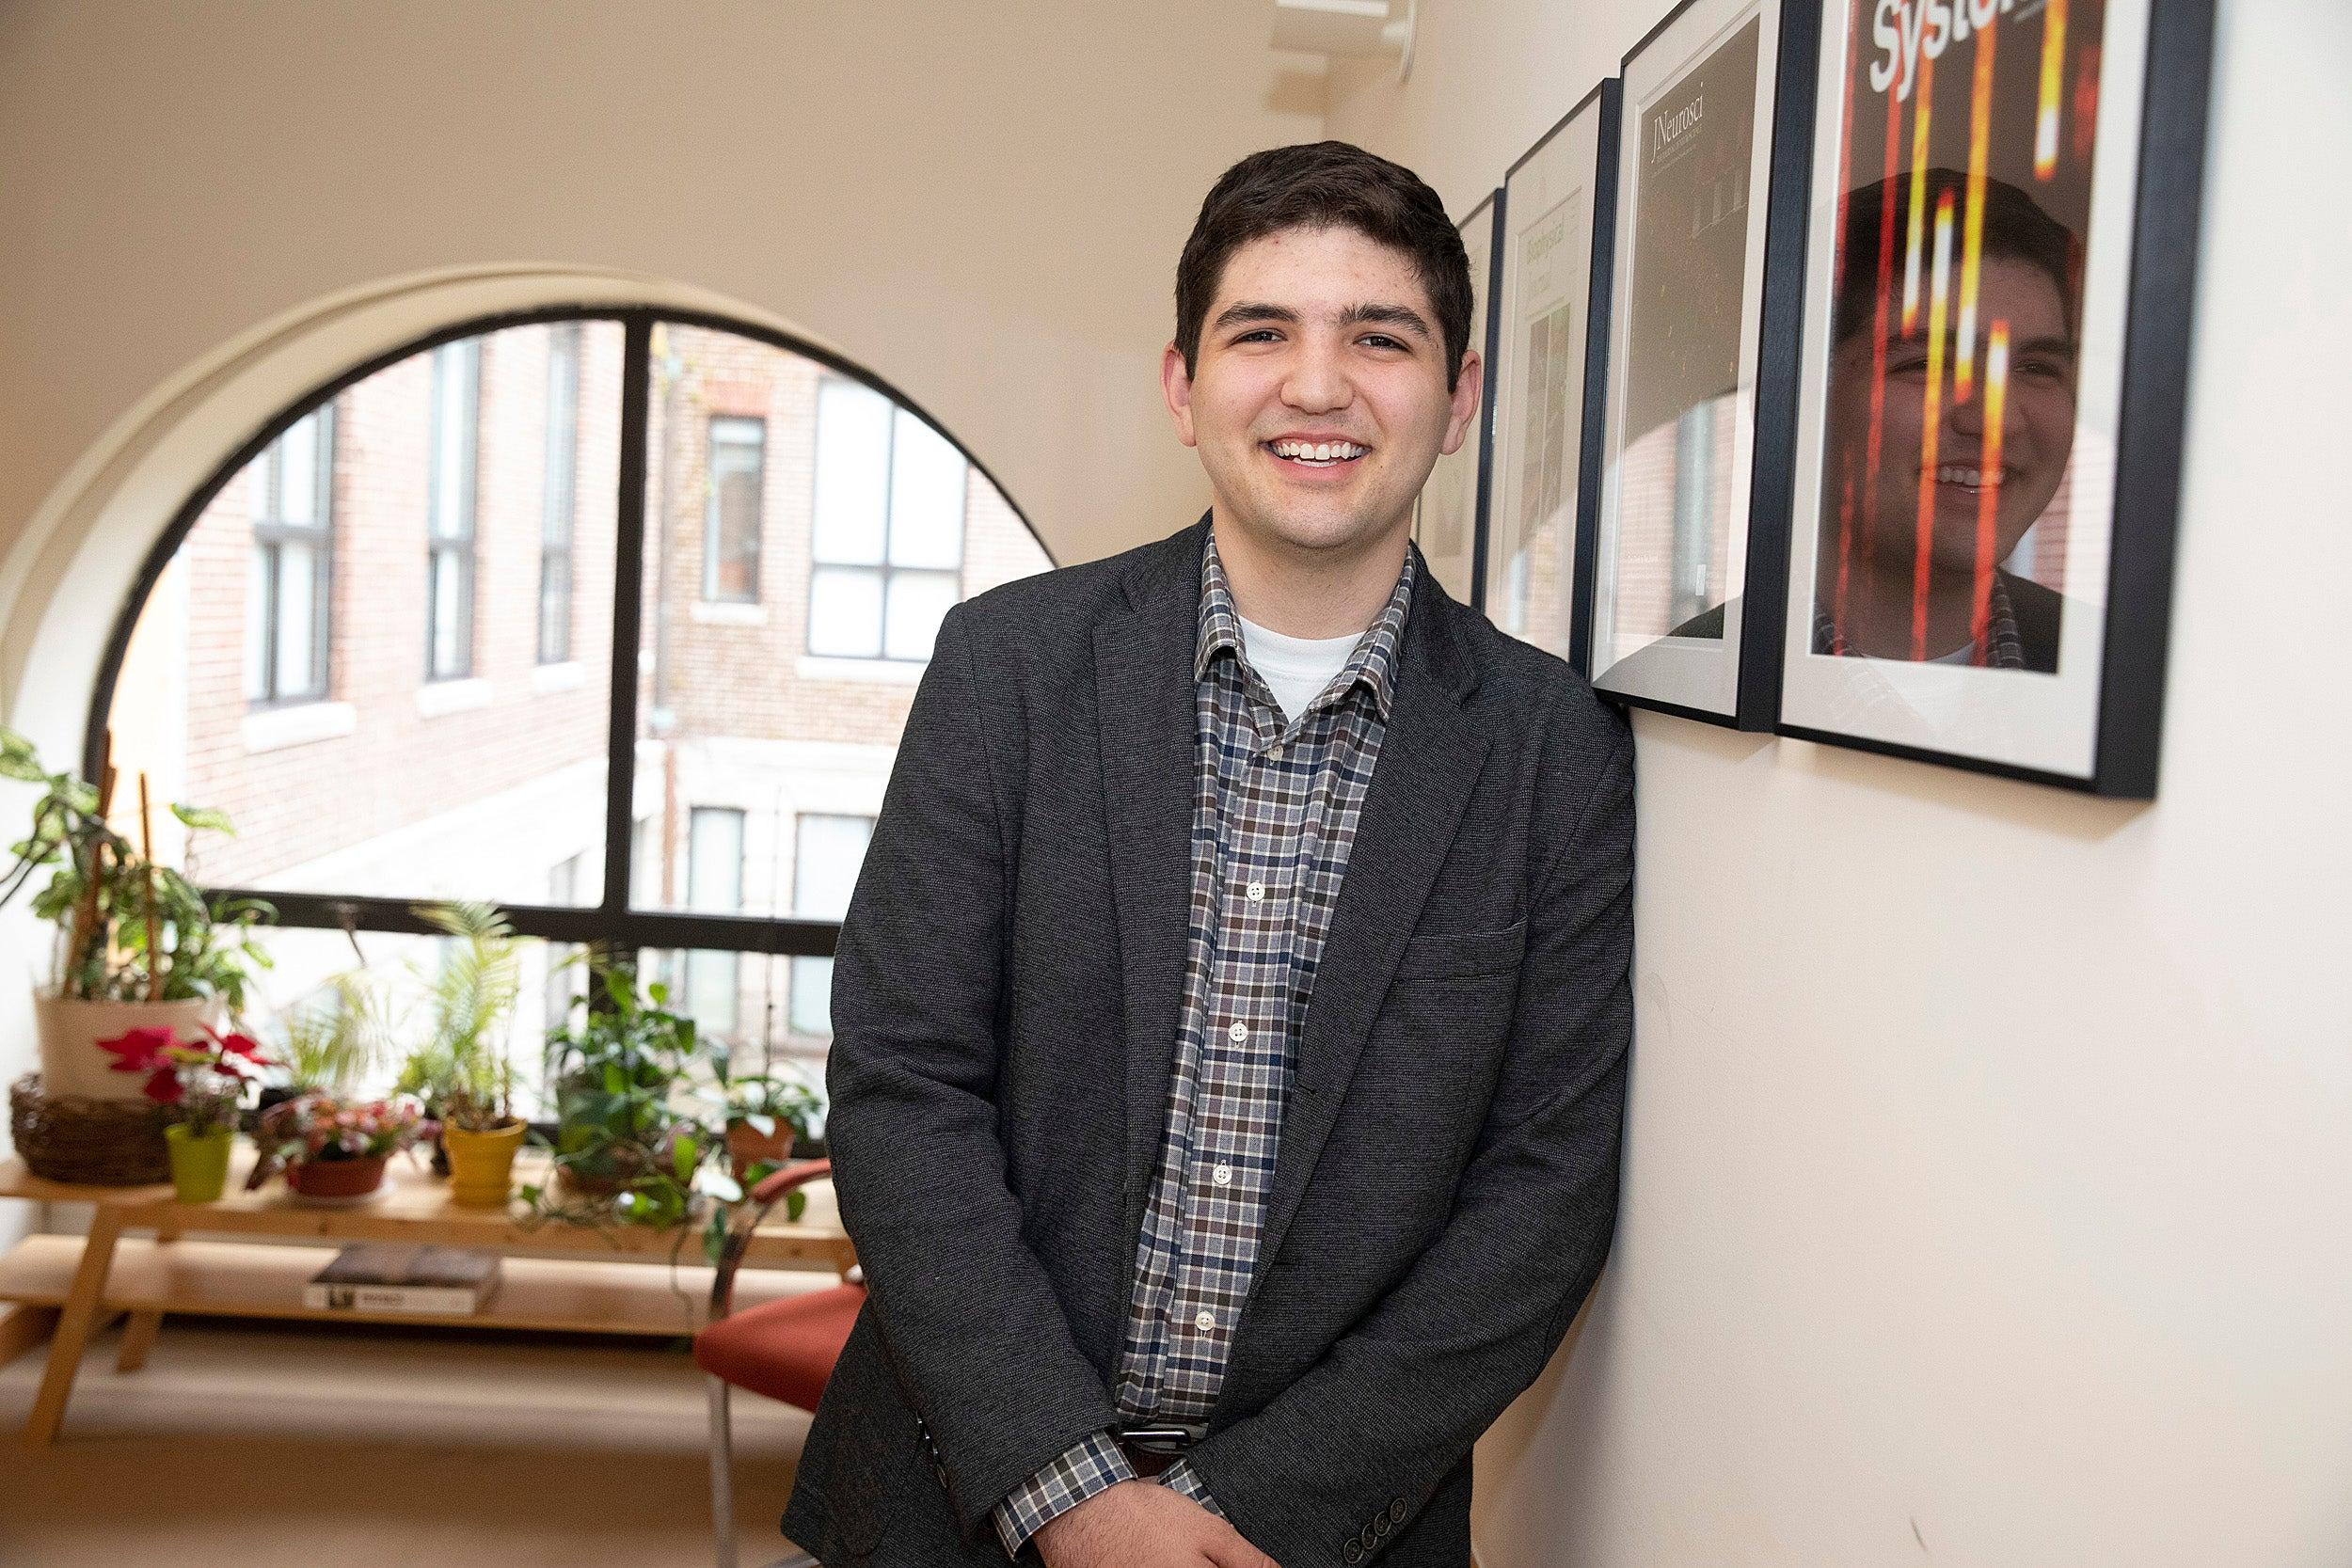 Dalton Brunson in an office